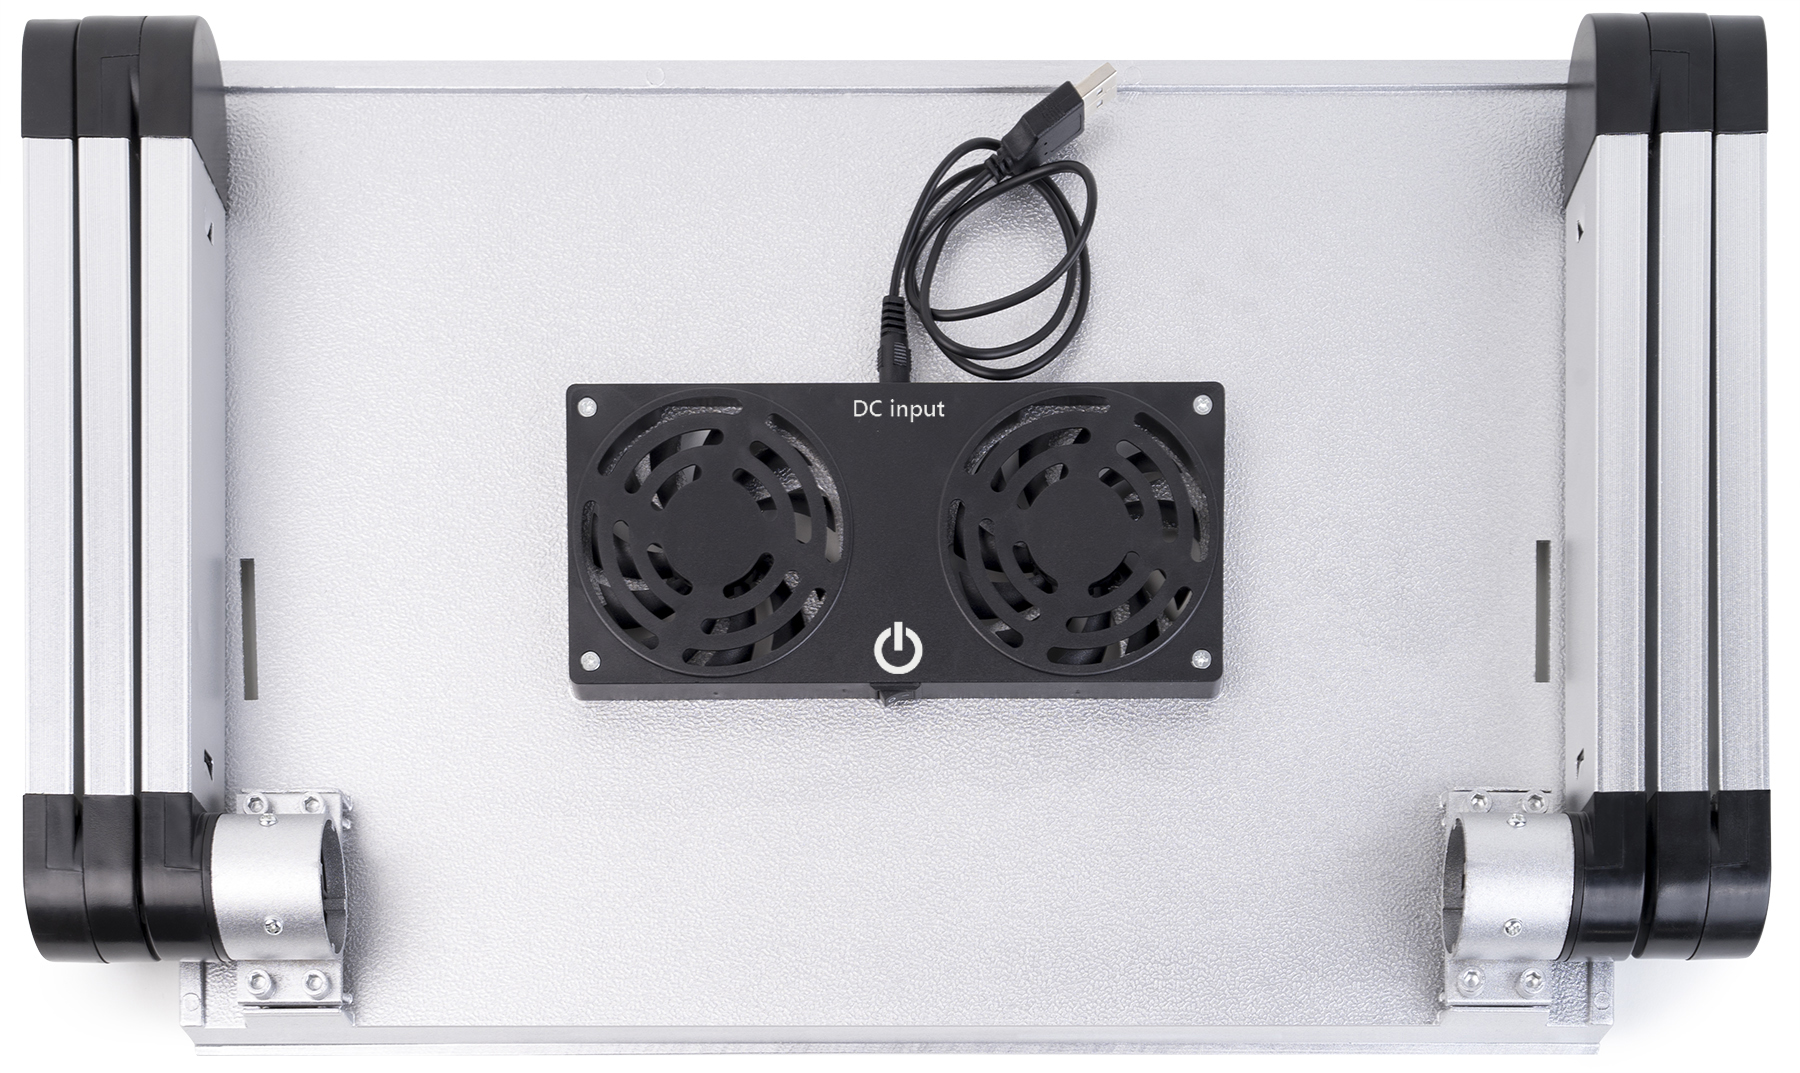 lavolta notebook laptop st nder tisch k hler 2x l fter. Black Bedroom Furniture Sets. Home Design Ideas